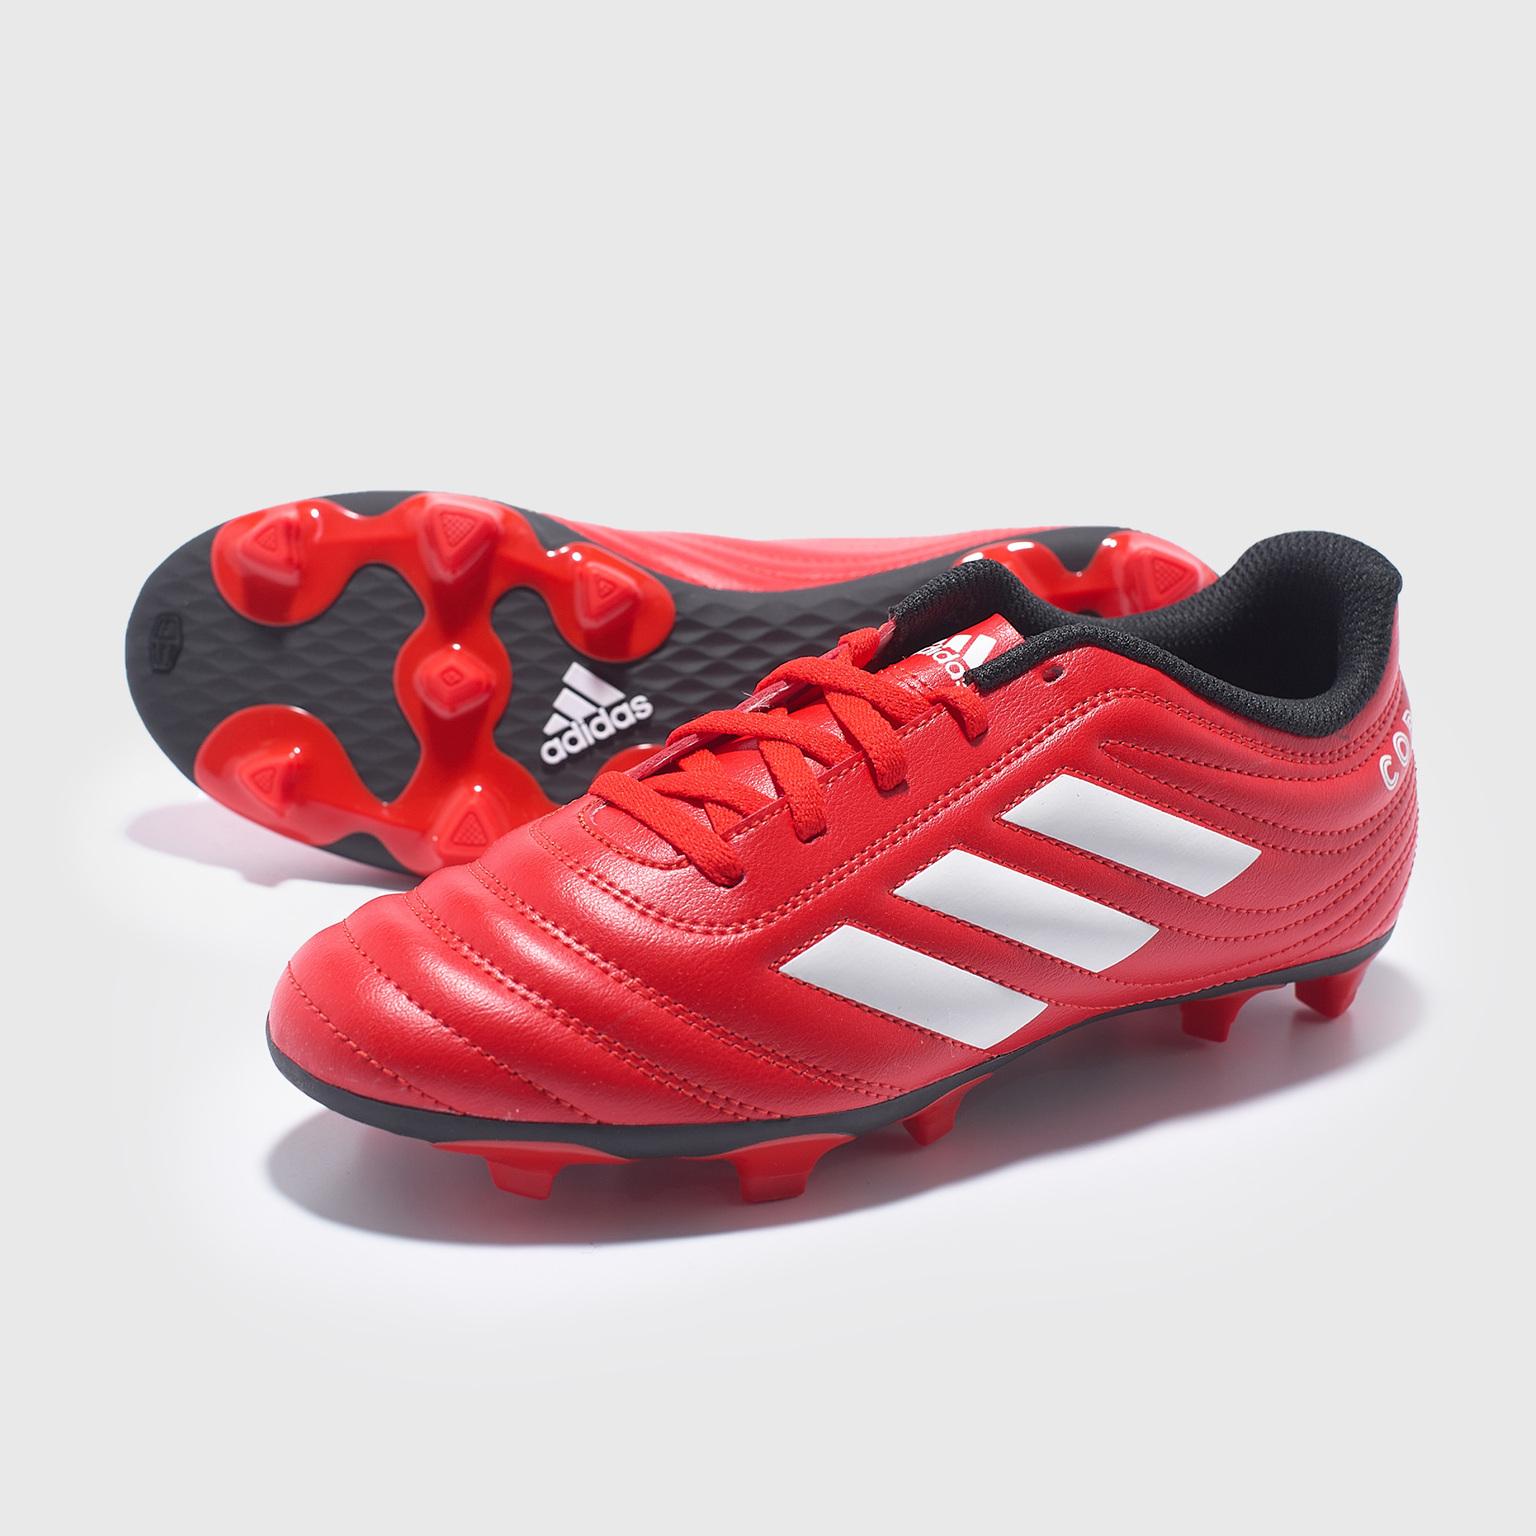 Бутсы детские Adidas Copa 20.4 FG EF1919